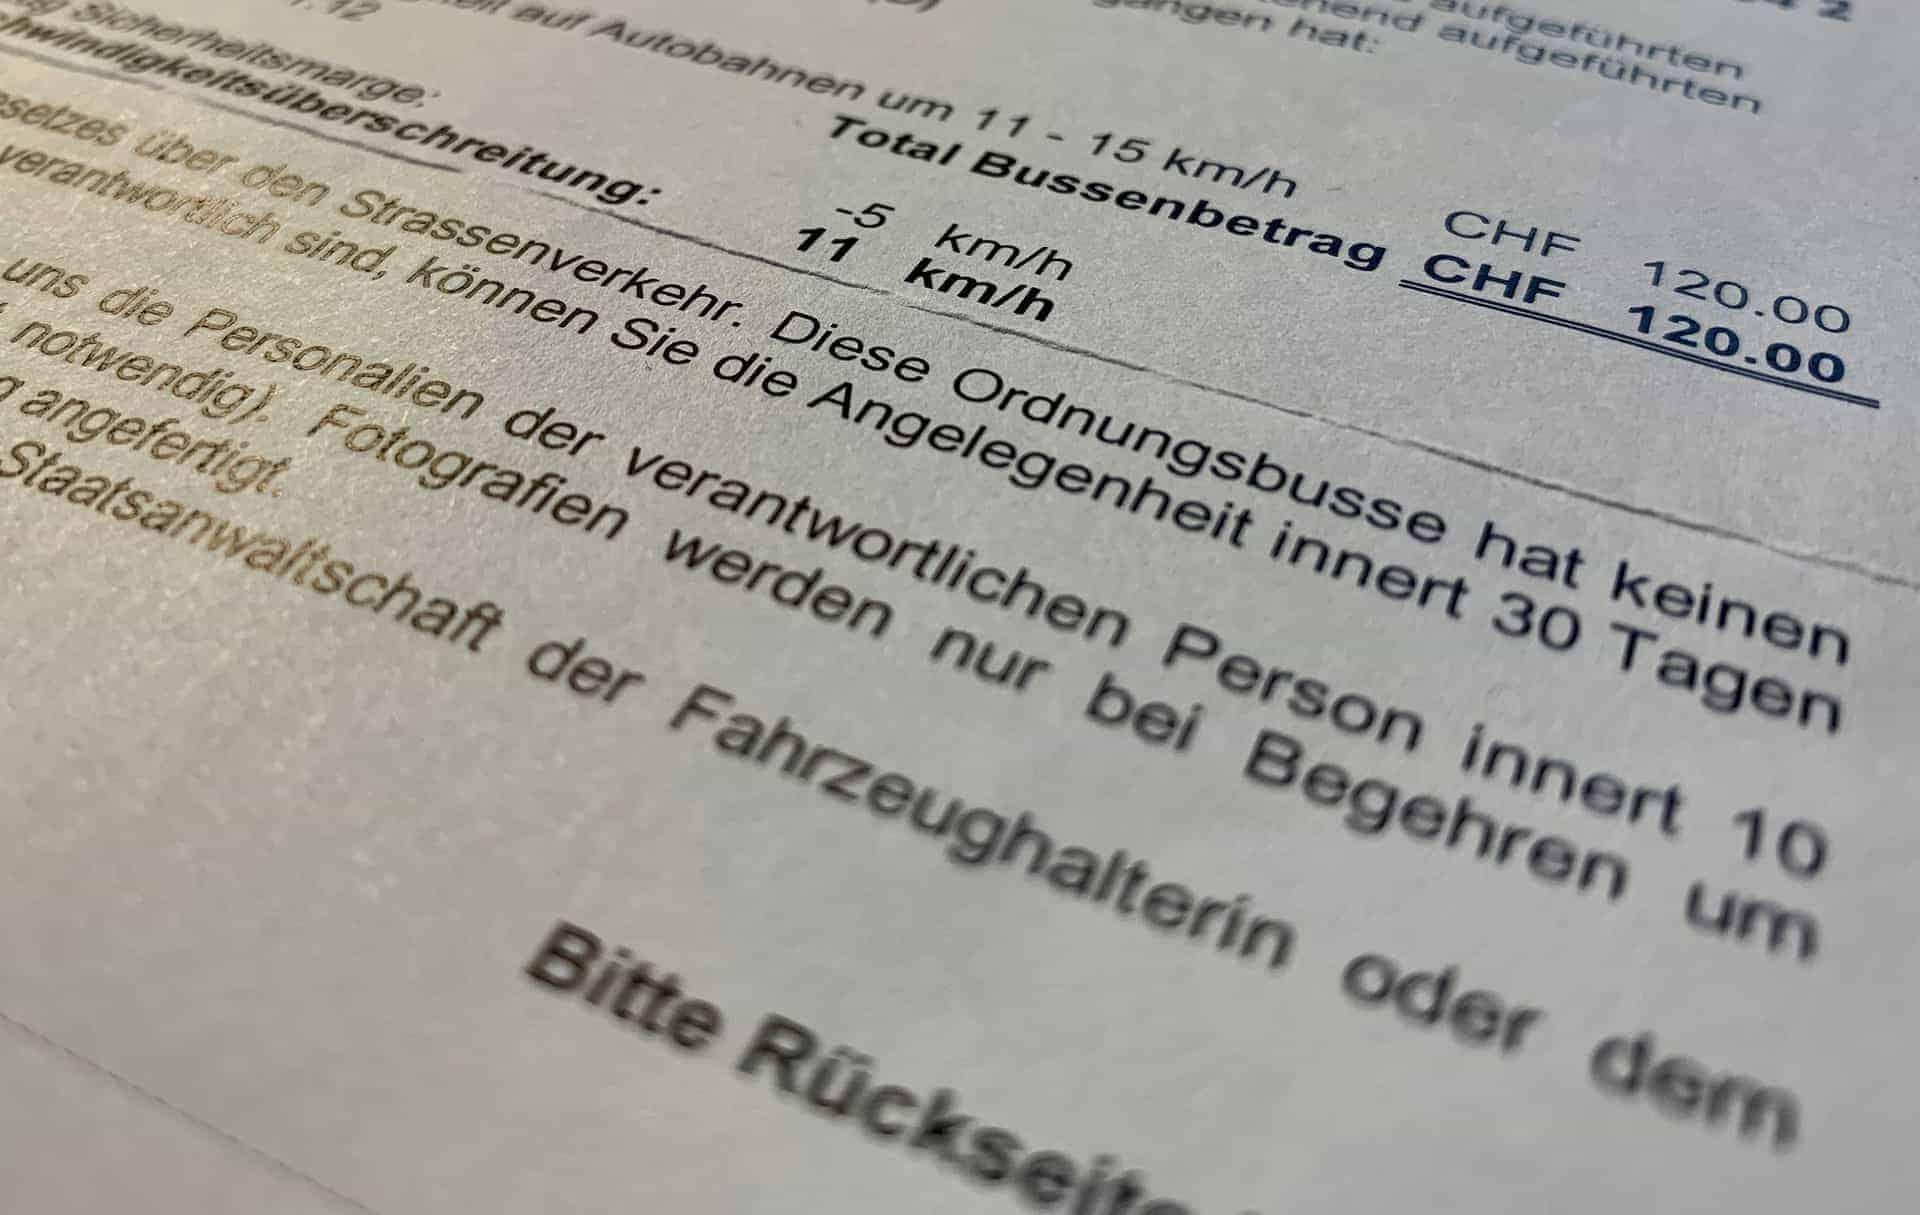 Strafzettel_Schweiz